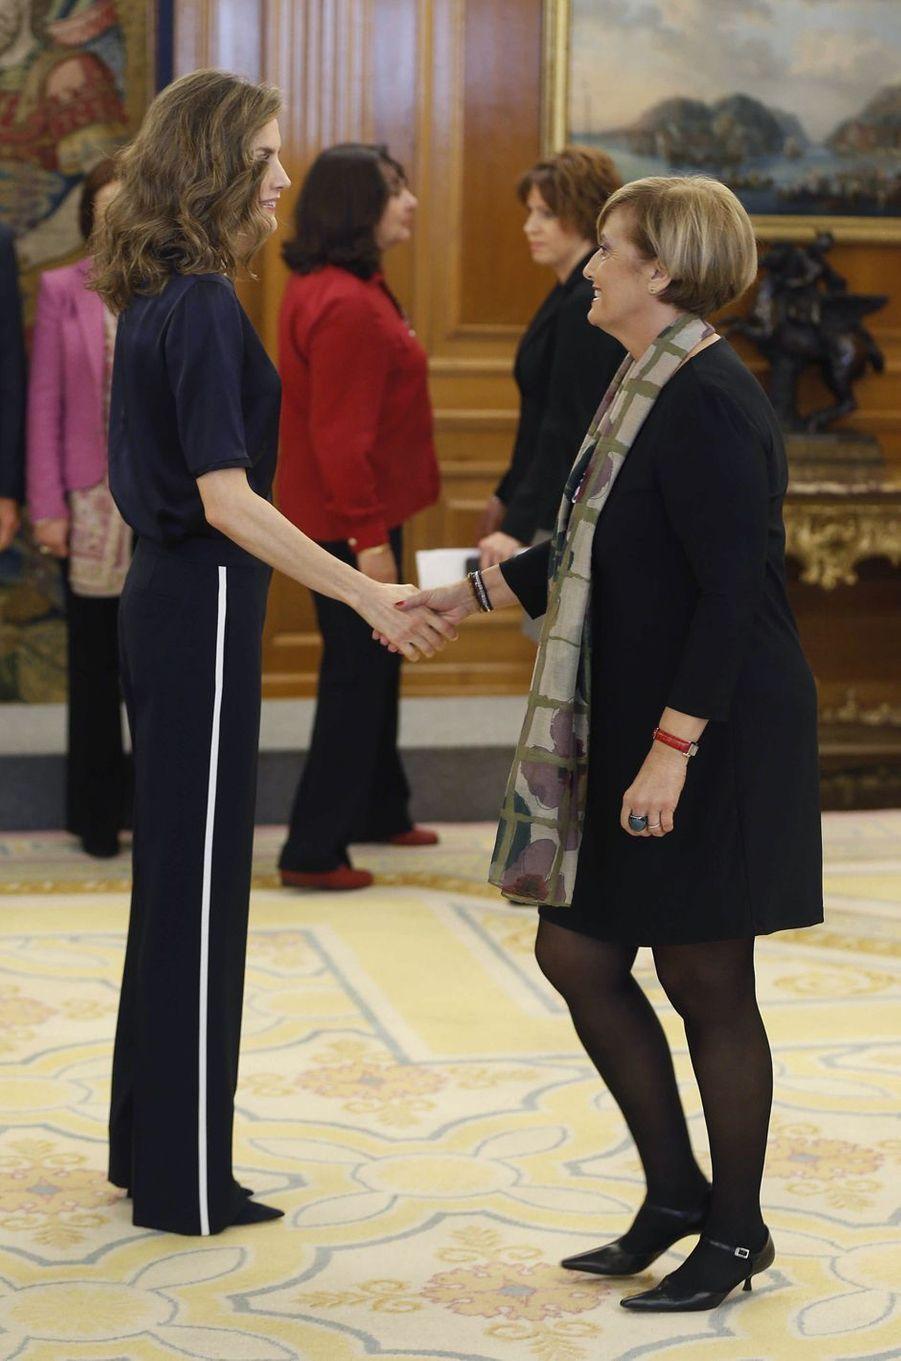 La reine Letizia d'Espagne reçoit en audience au palais de la Zarzuela à Madrid, le 27 octobre 2016